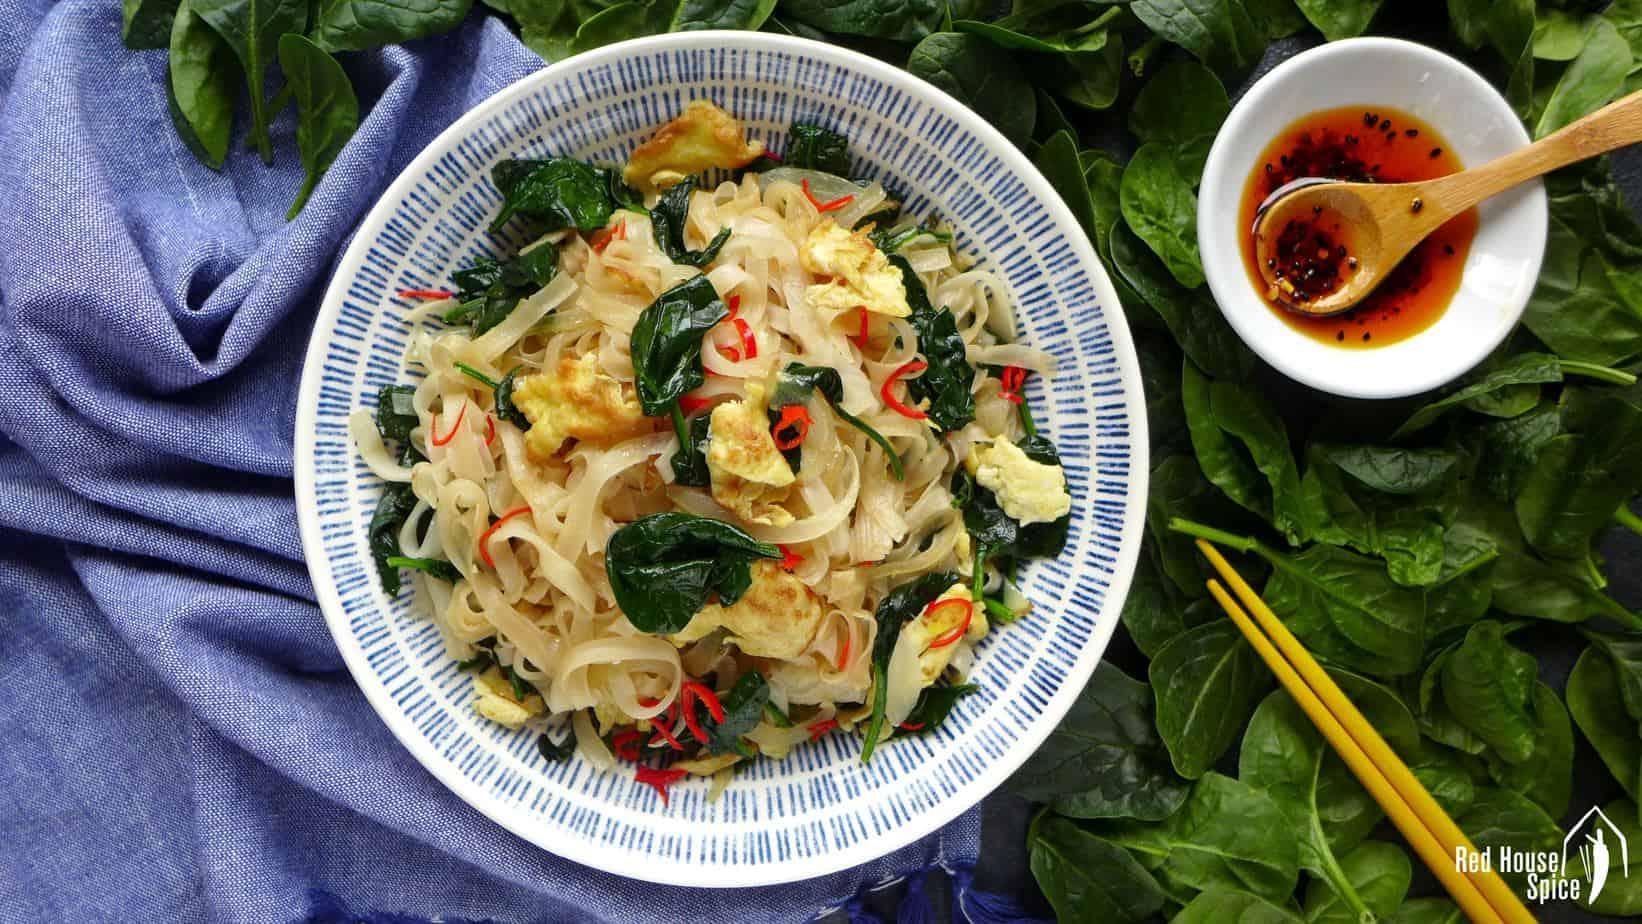 Egg fried rice noodles (鸡蛋炒米粉)